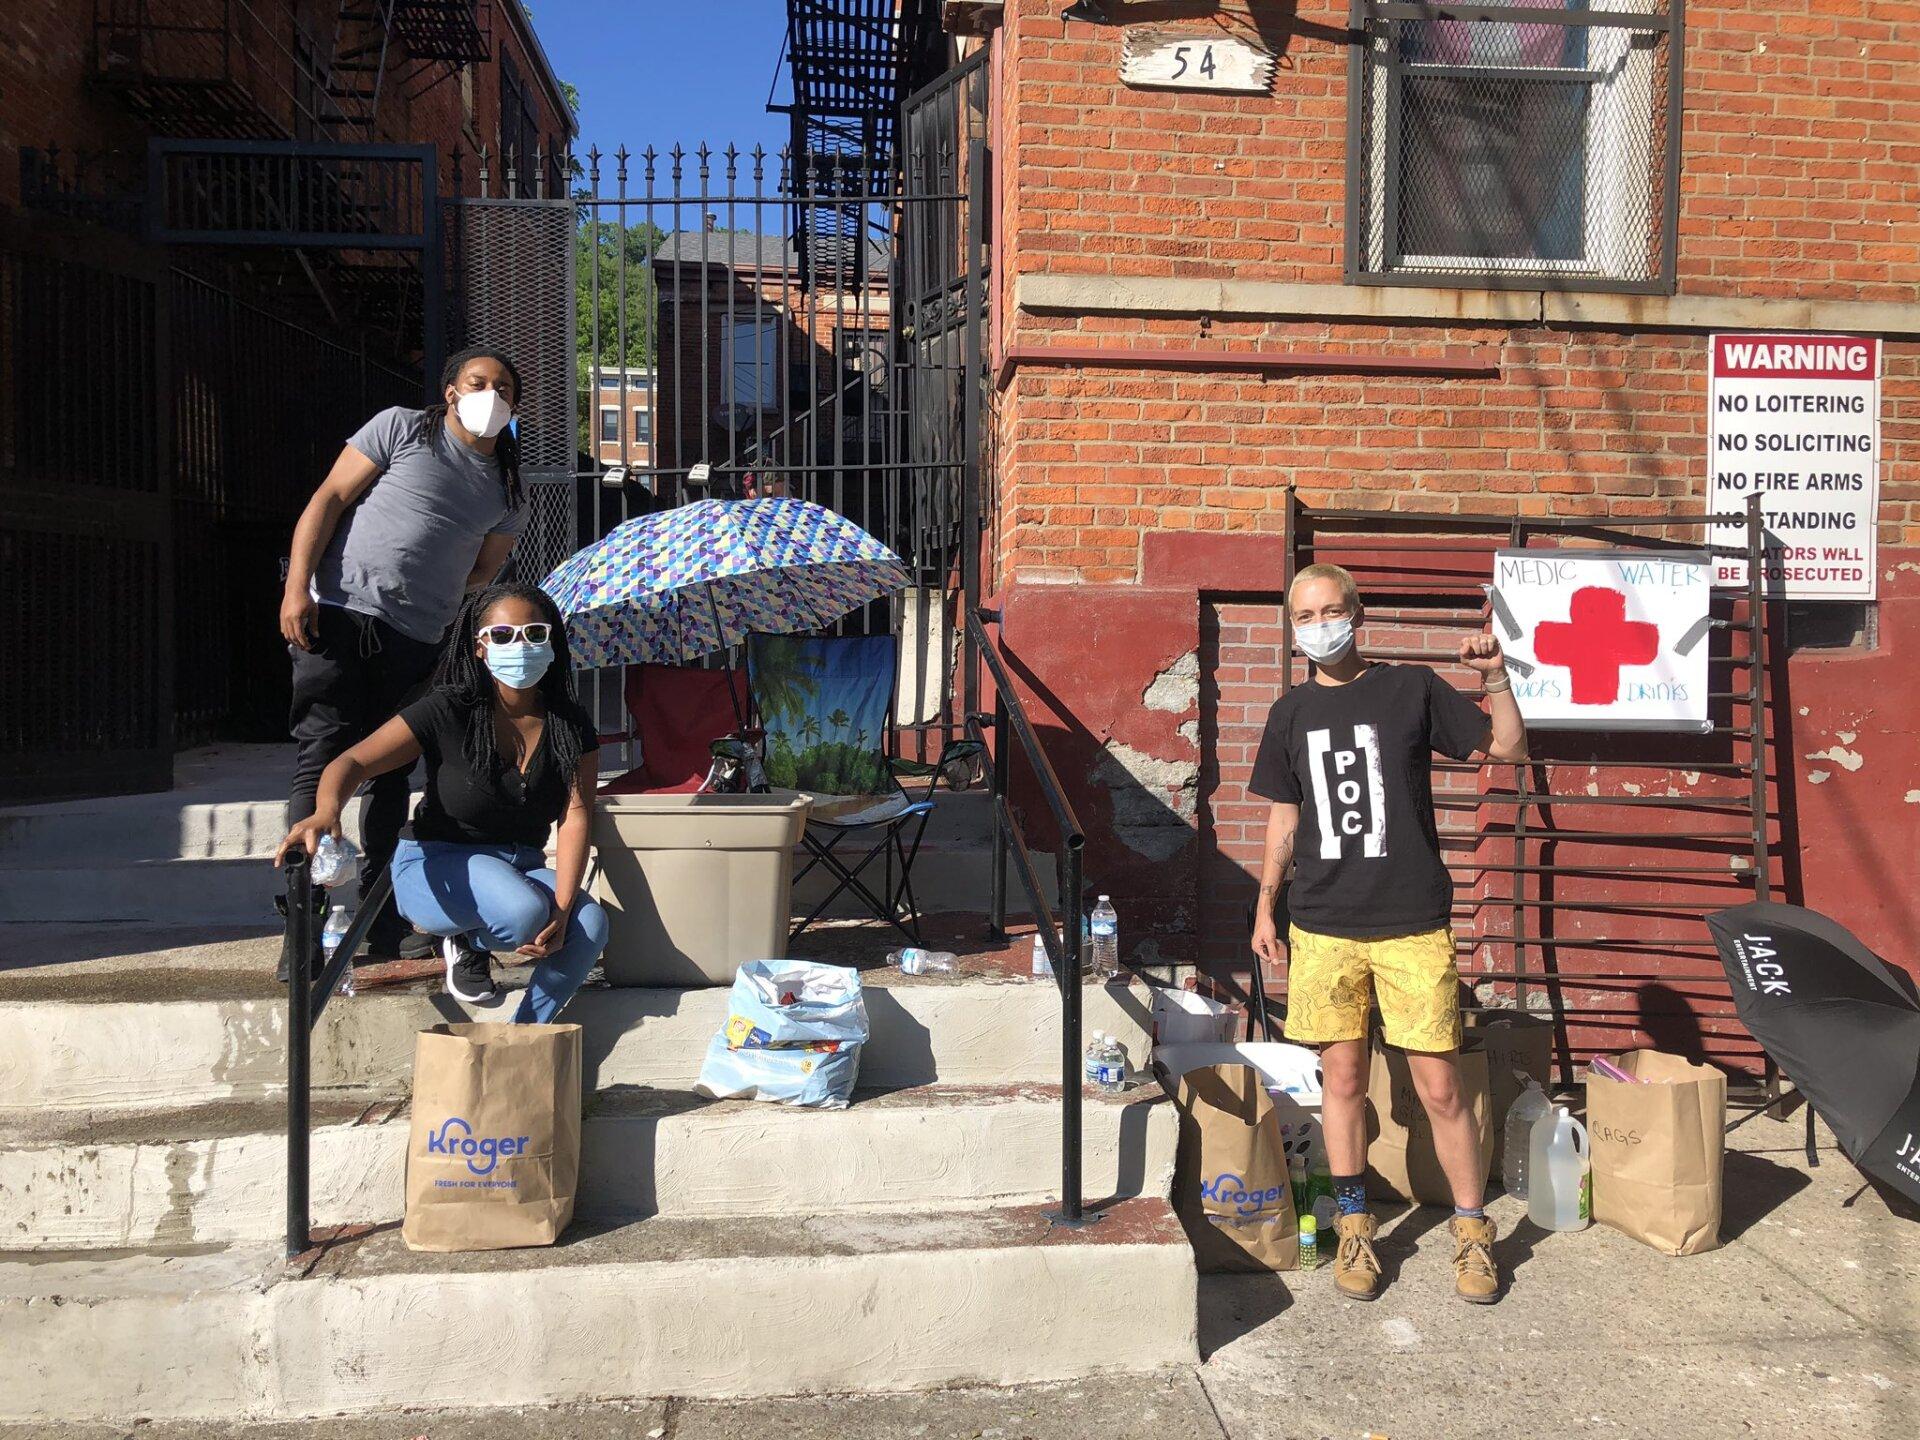 WCPO first aid station OTR.jpeg